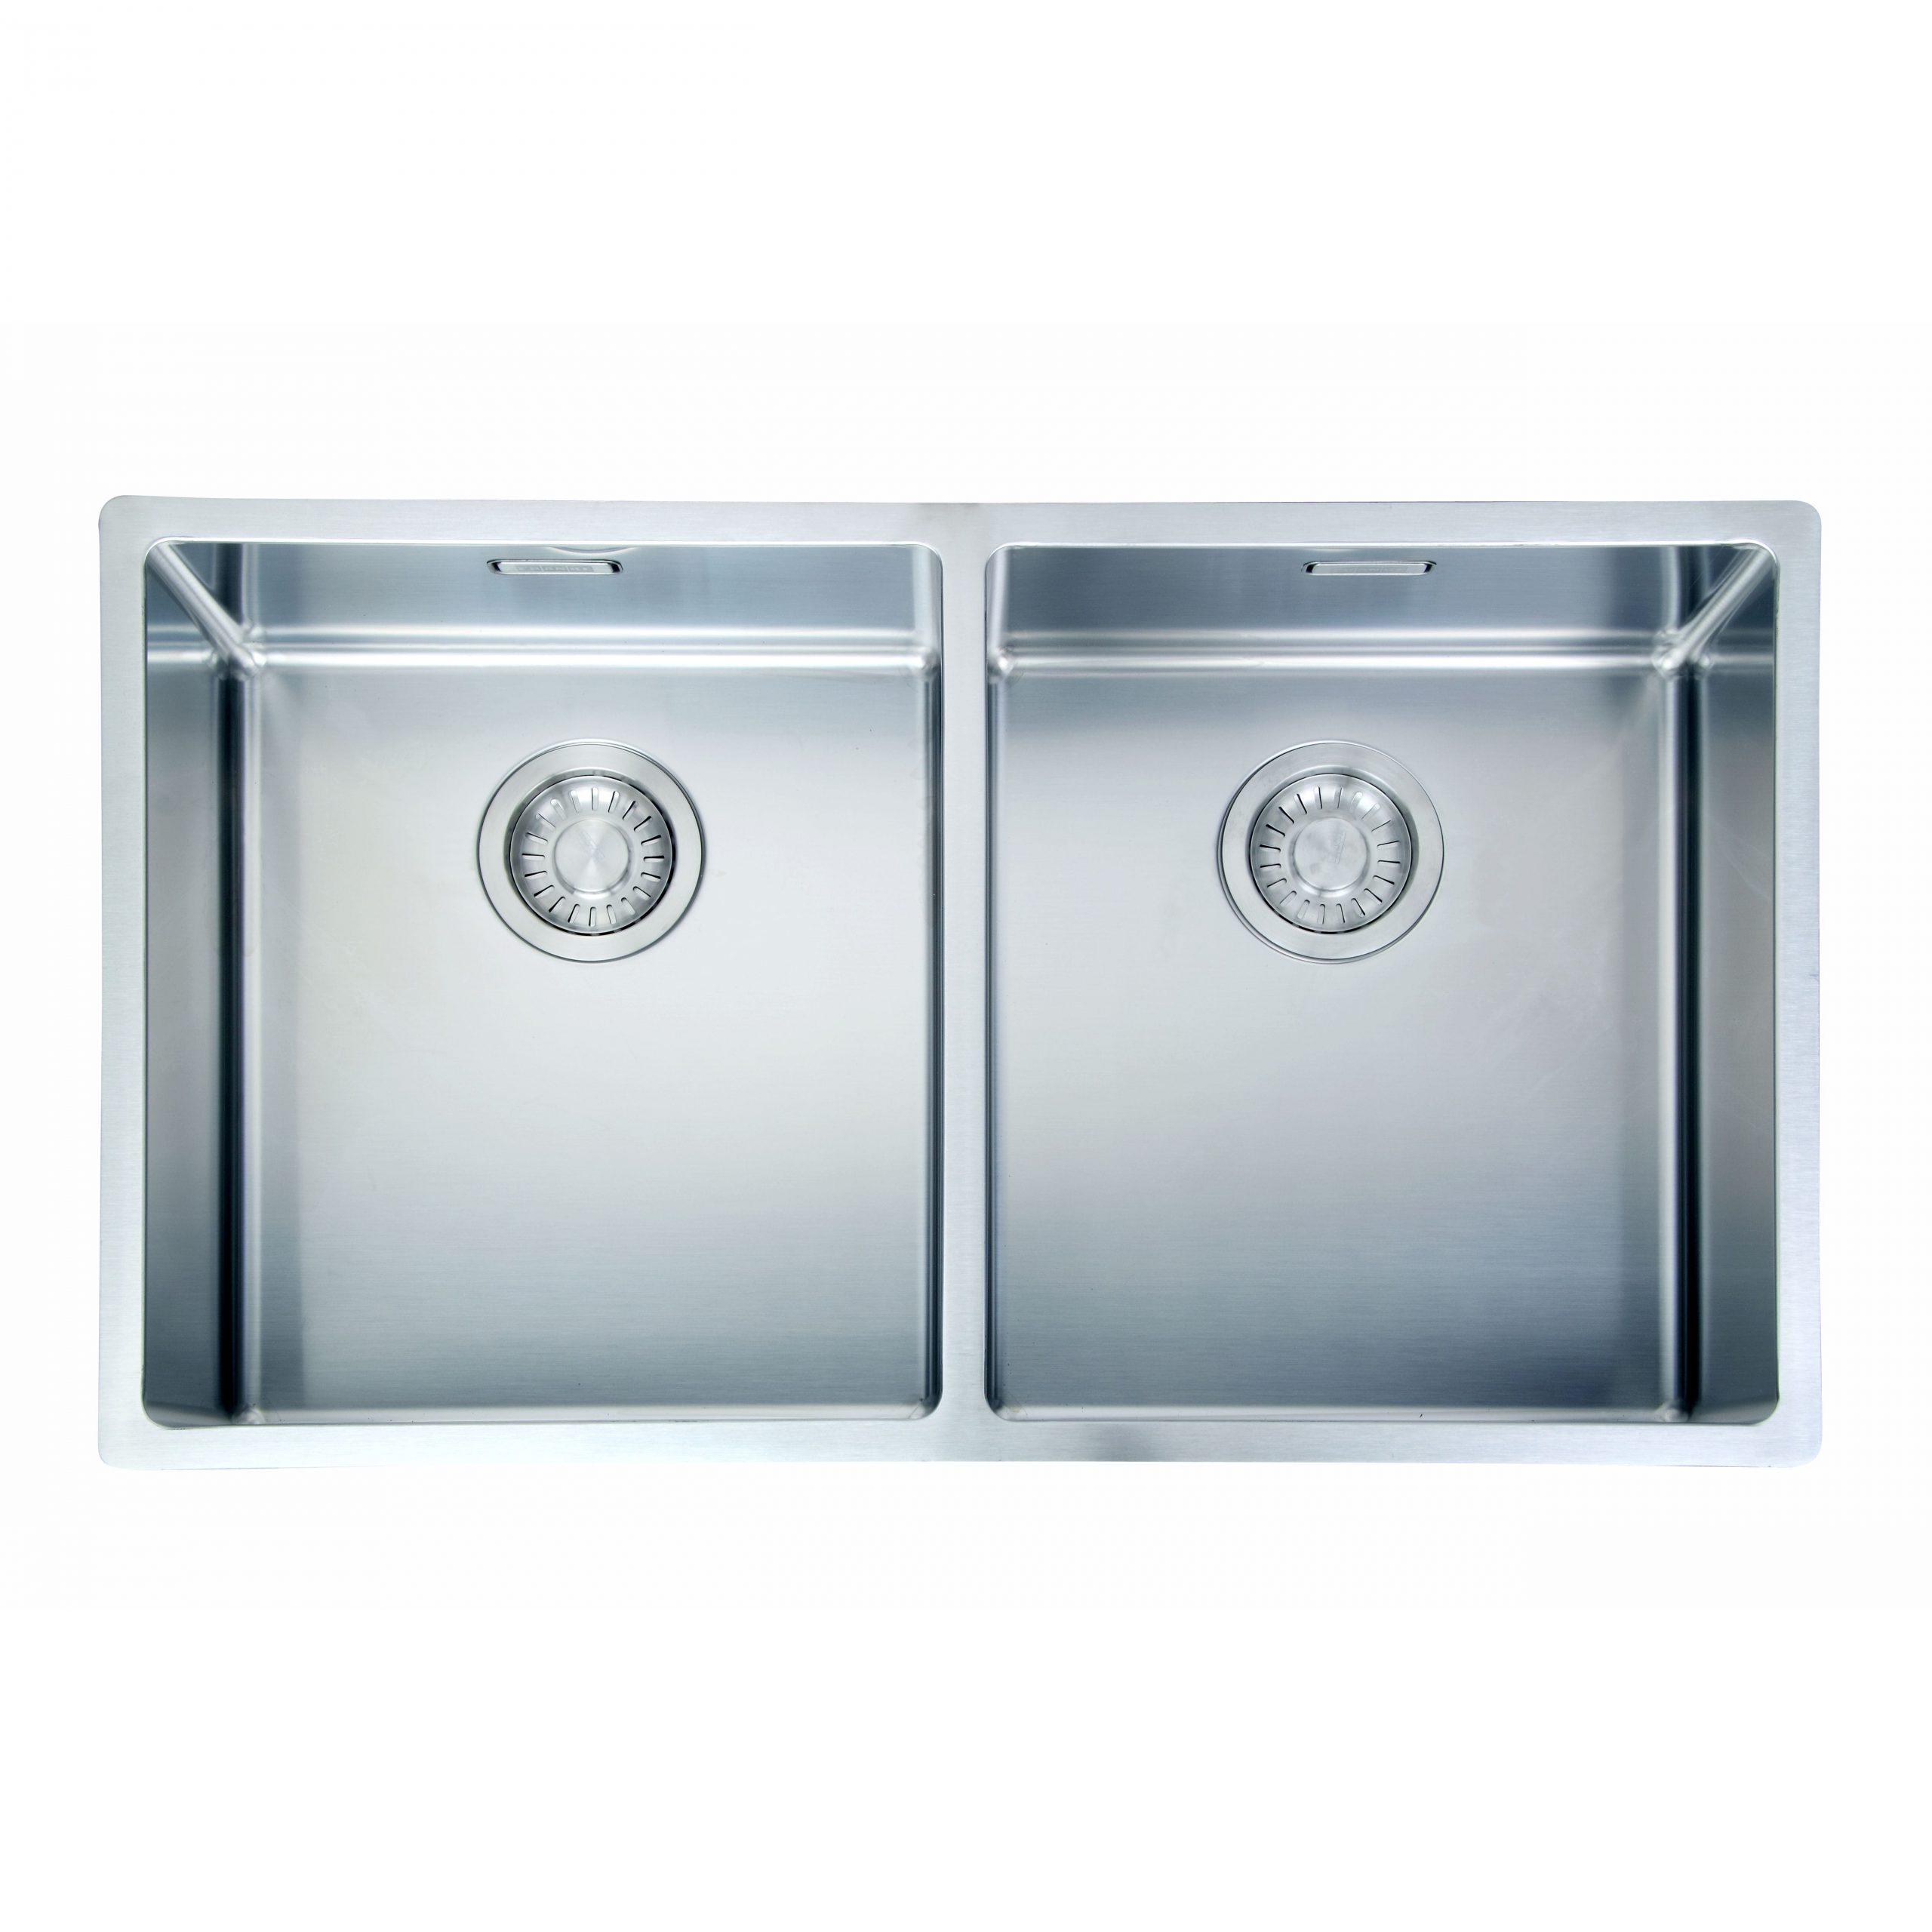 瑞士 FRANKE BOX BXX220-36-36 不鏽鋼雙膽平邊廚盆 782x450x200mm (檯面/底/平頂)